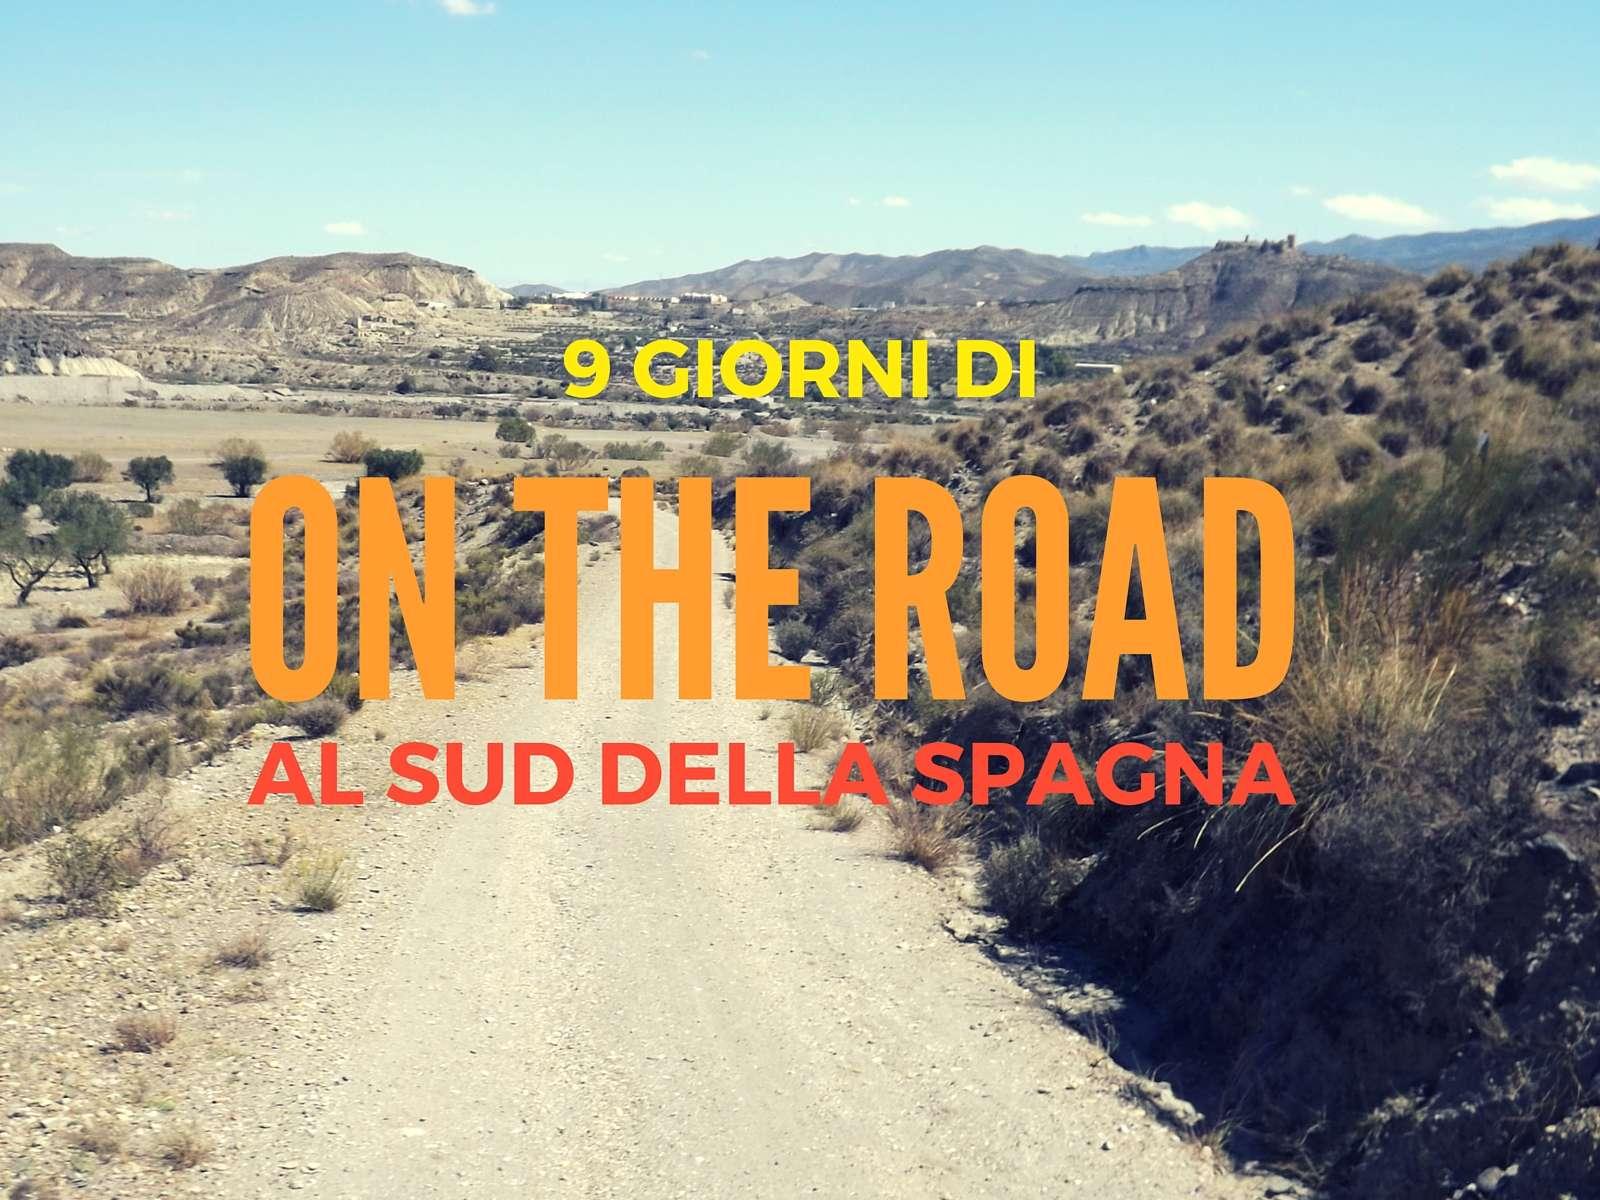 Spagna on the road: 9 giorni di itinerario da Valencia a Malaga